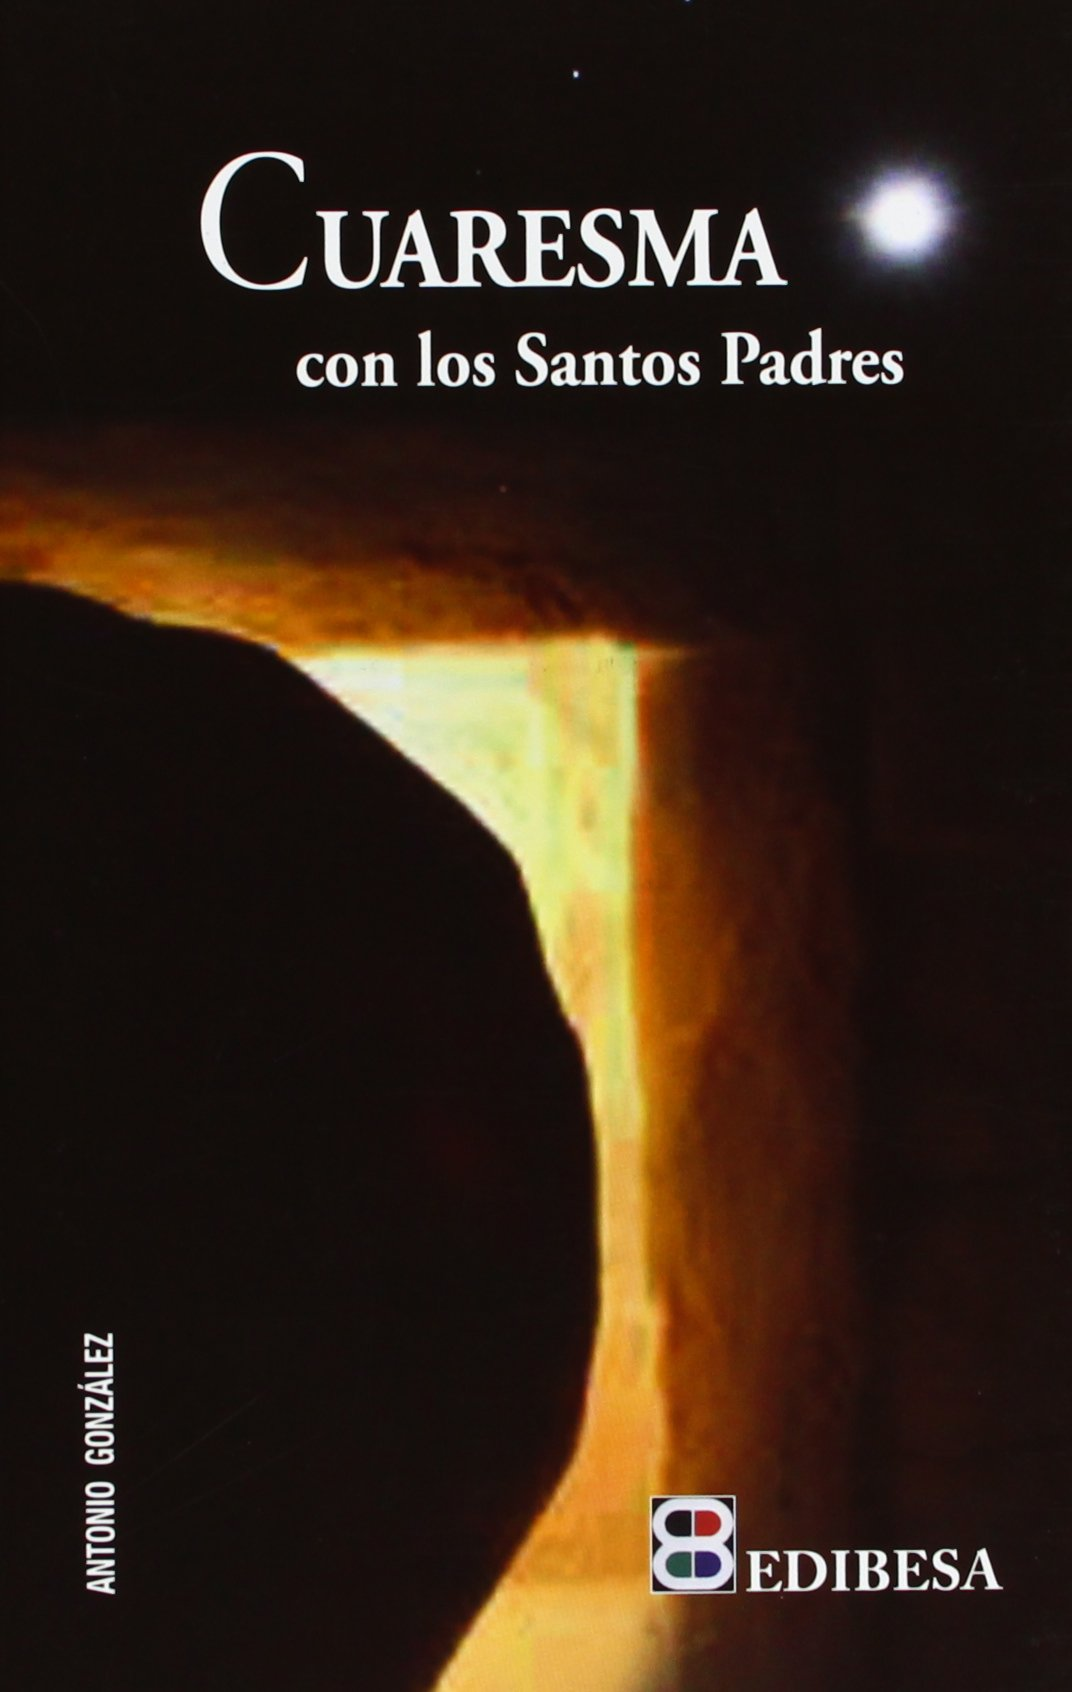 Resultado de imagen de Cuaresma con los Santos Padres